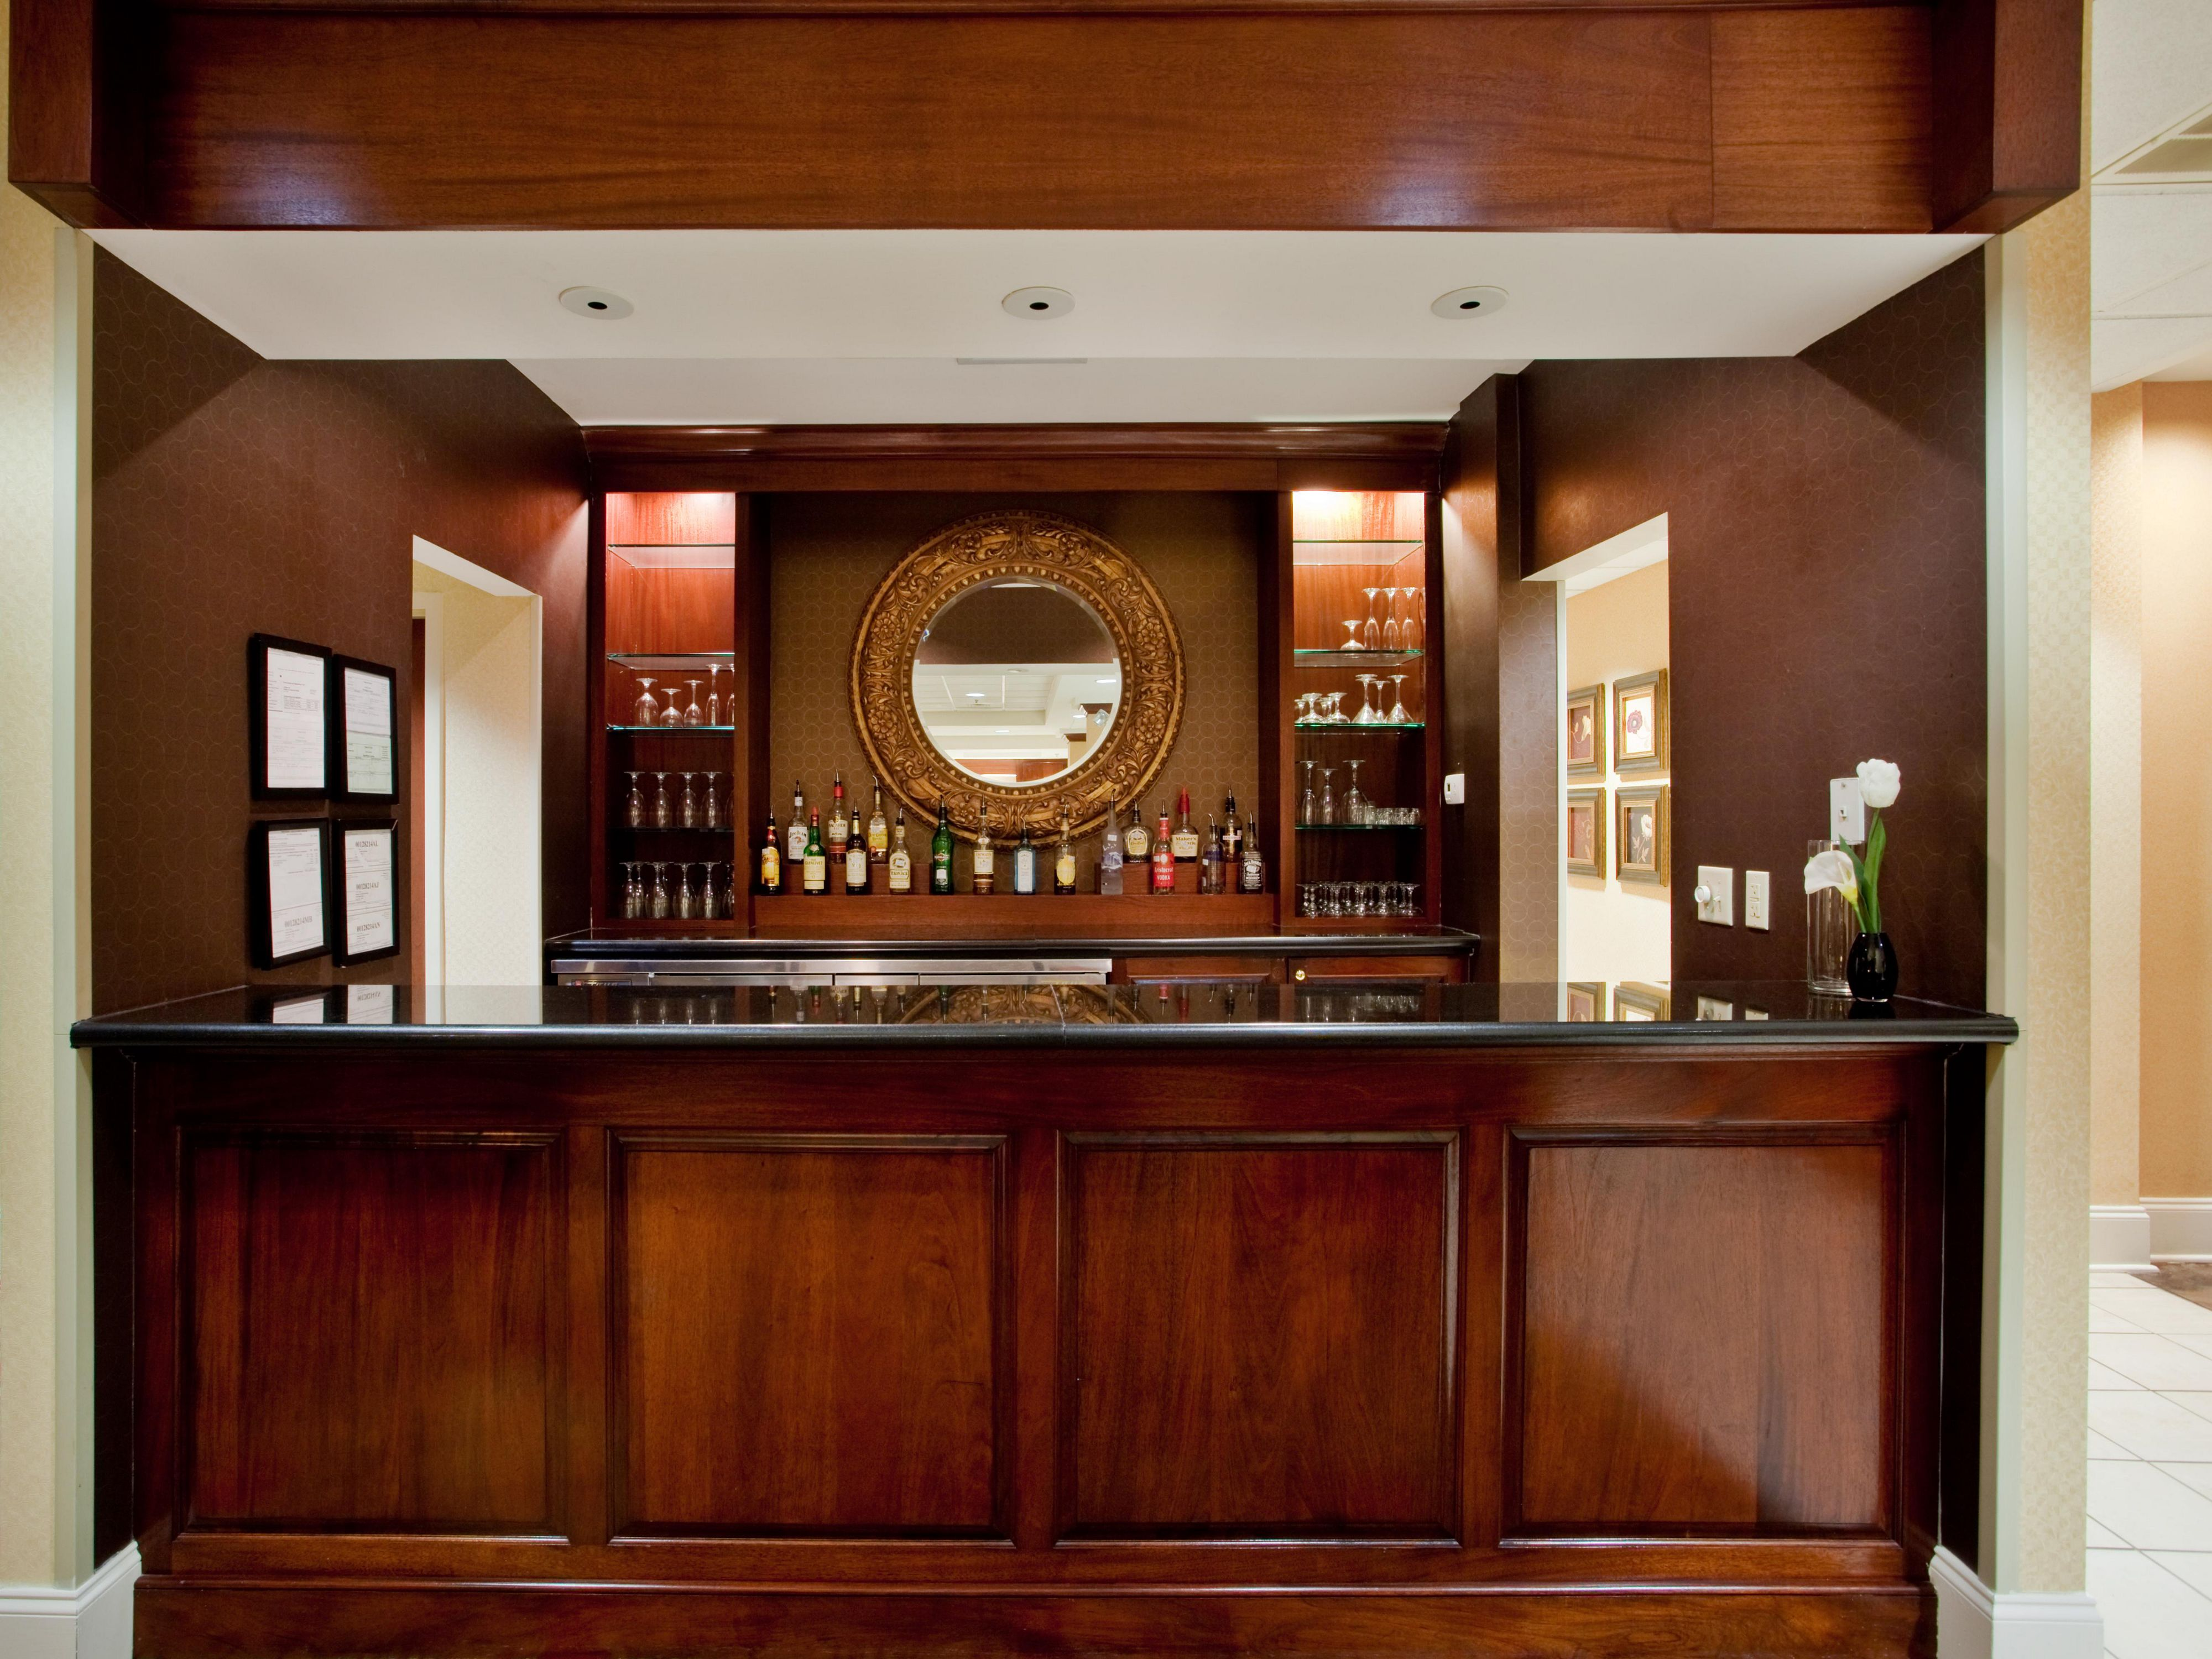 Holiday Inn Hotel U0026 Suites Raleigh / Cary NC U2013 Twenty Twenty Worldwide  Hospitality, LLC